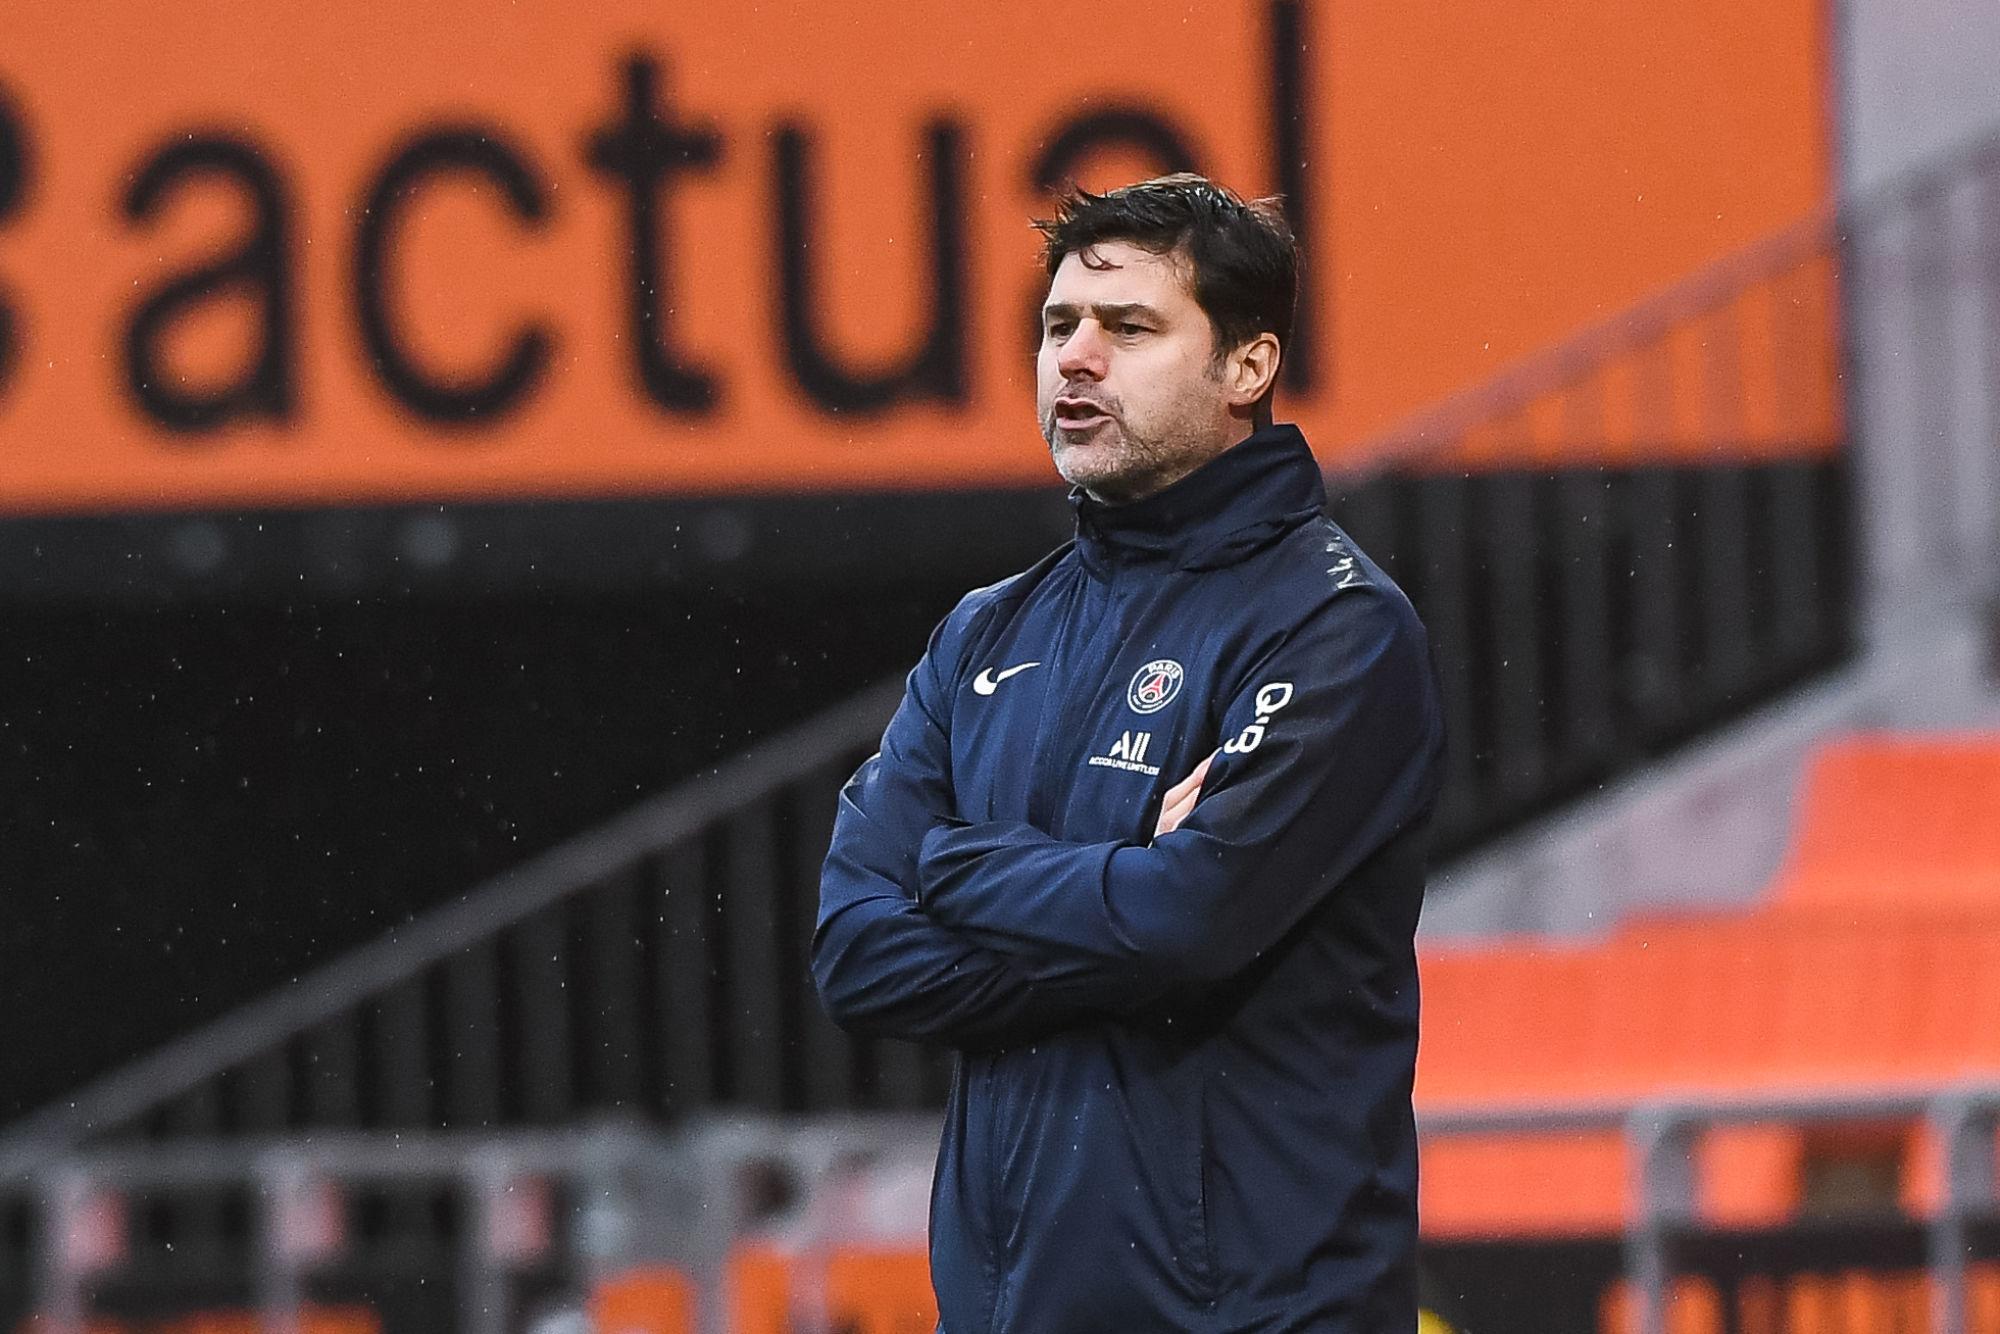 La défaite face à Lorient peut être bonne pour Pochettino, selon Rabésandratana